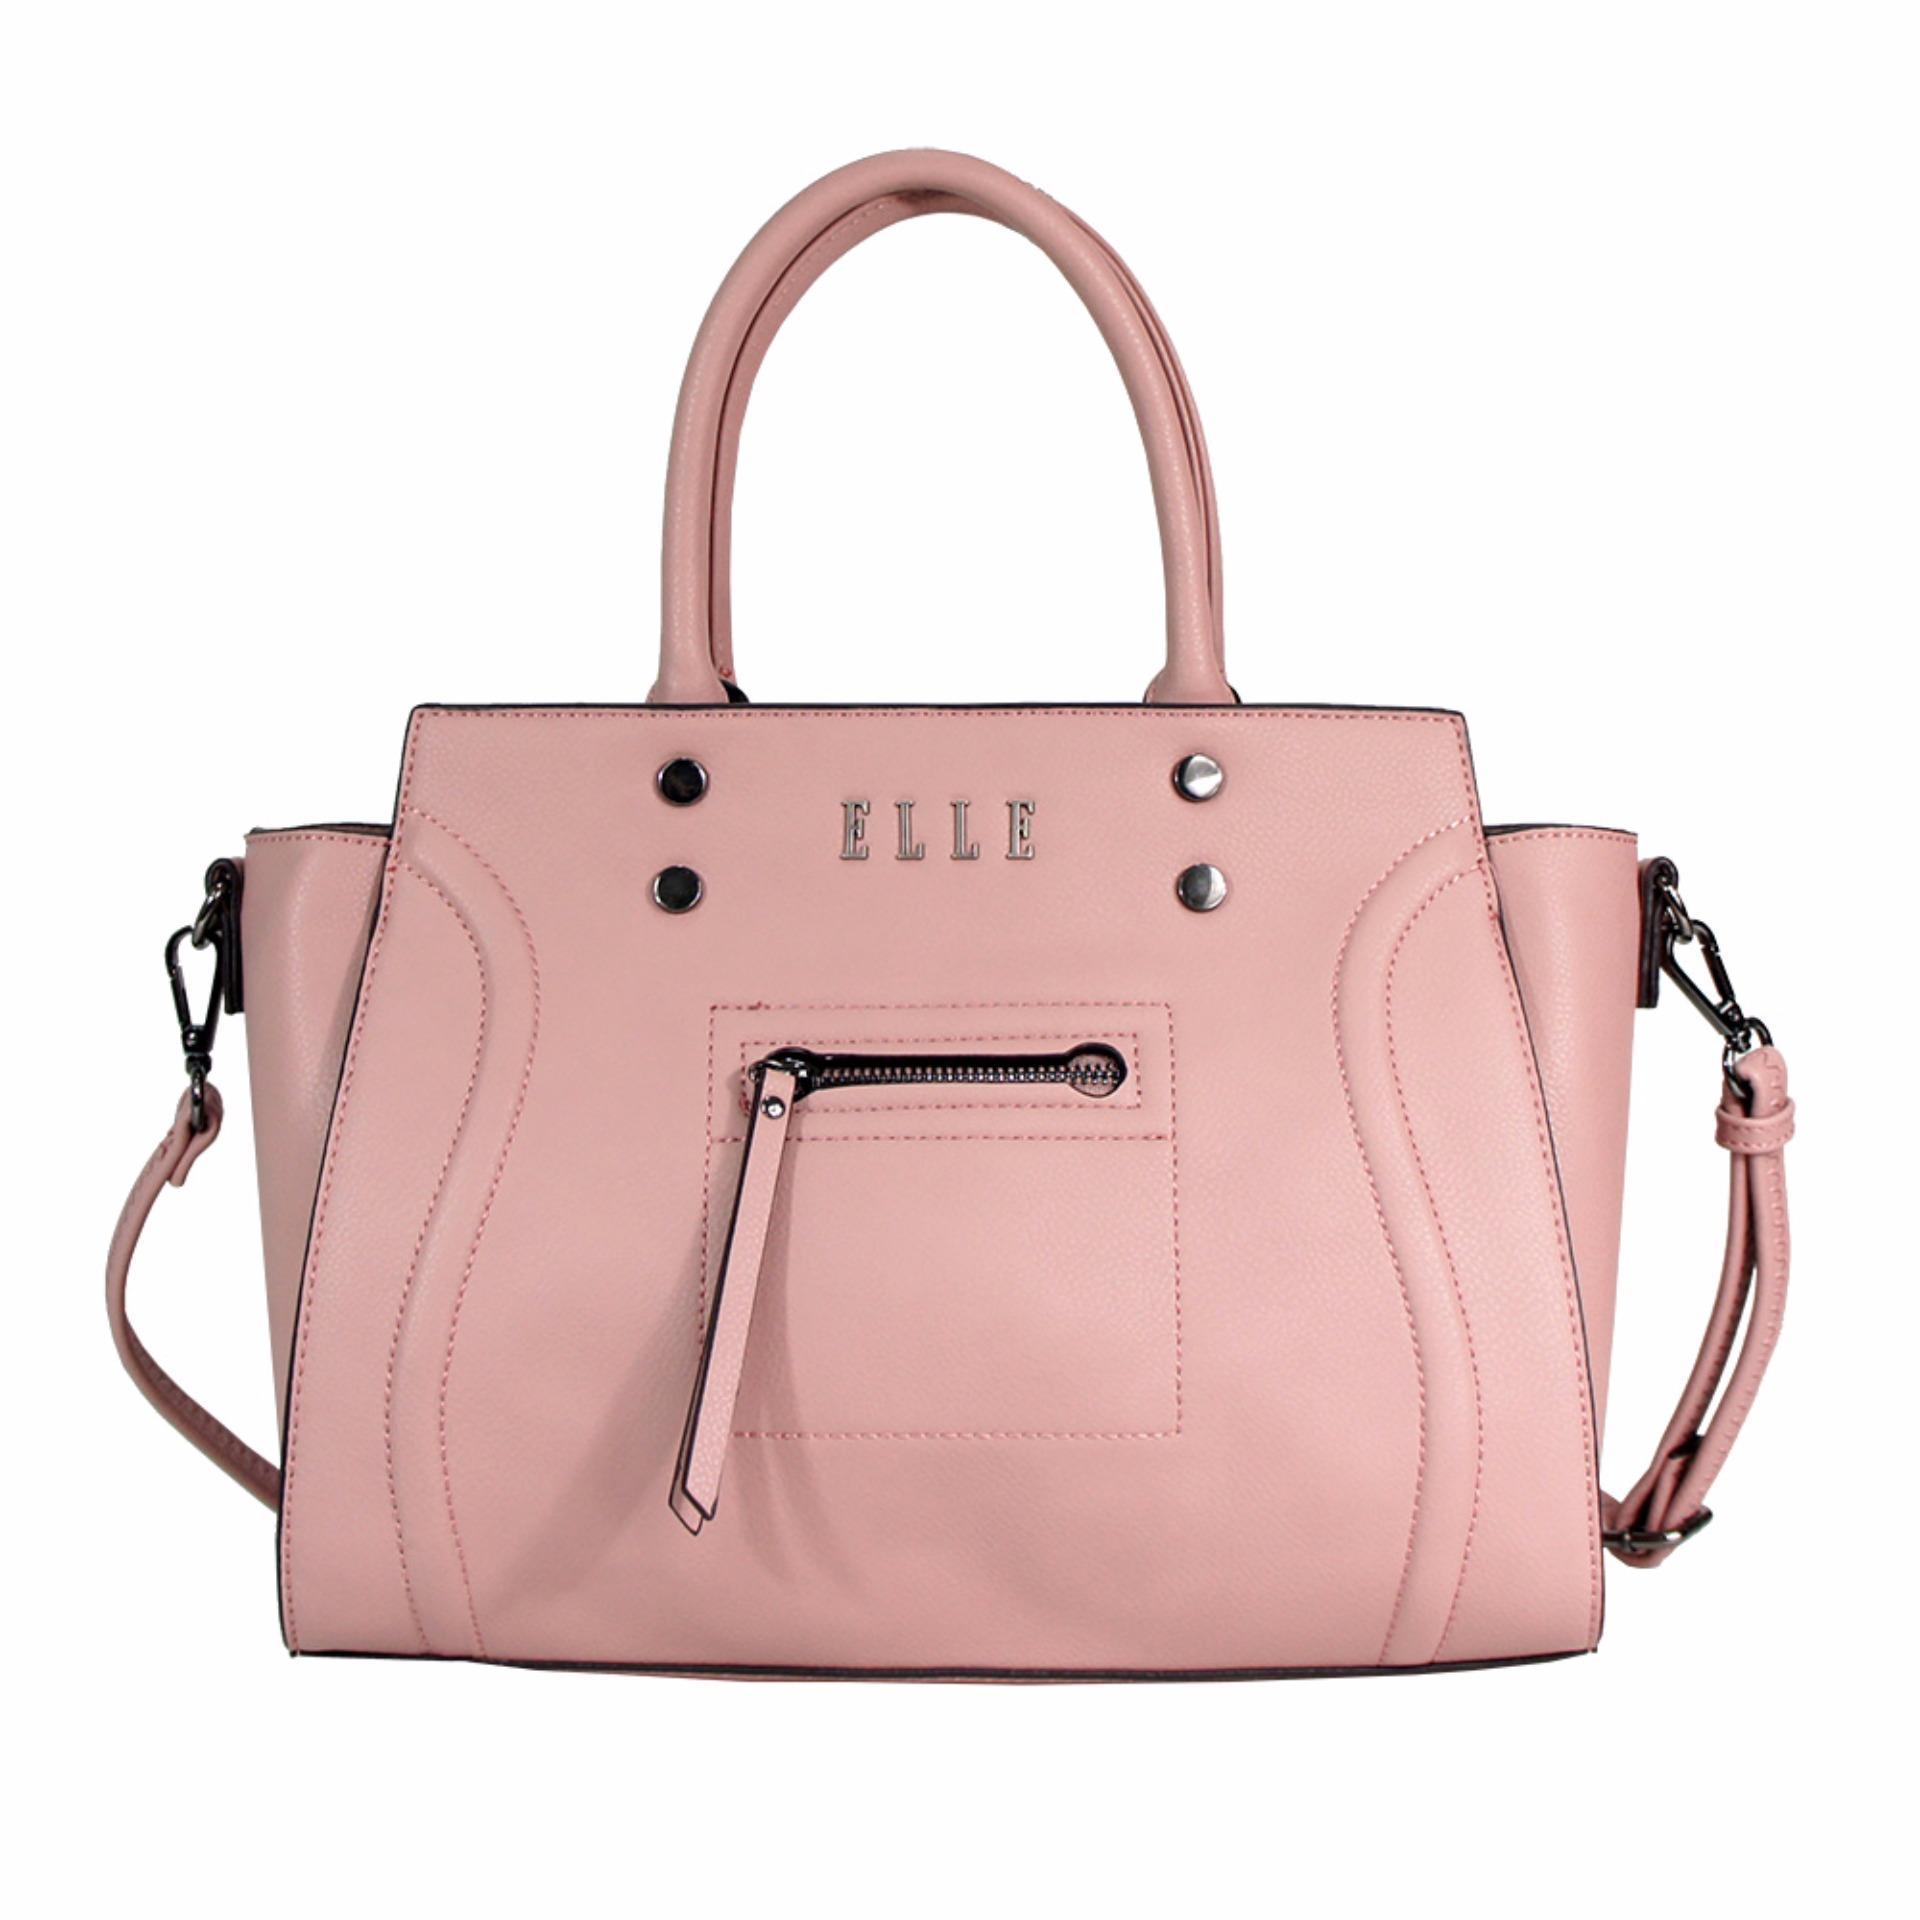 Elle  40840 - 33 Handbag, Tas Wanita  - Pink